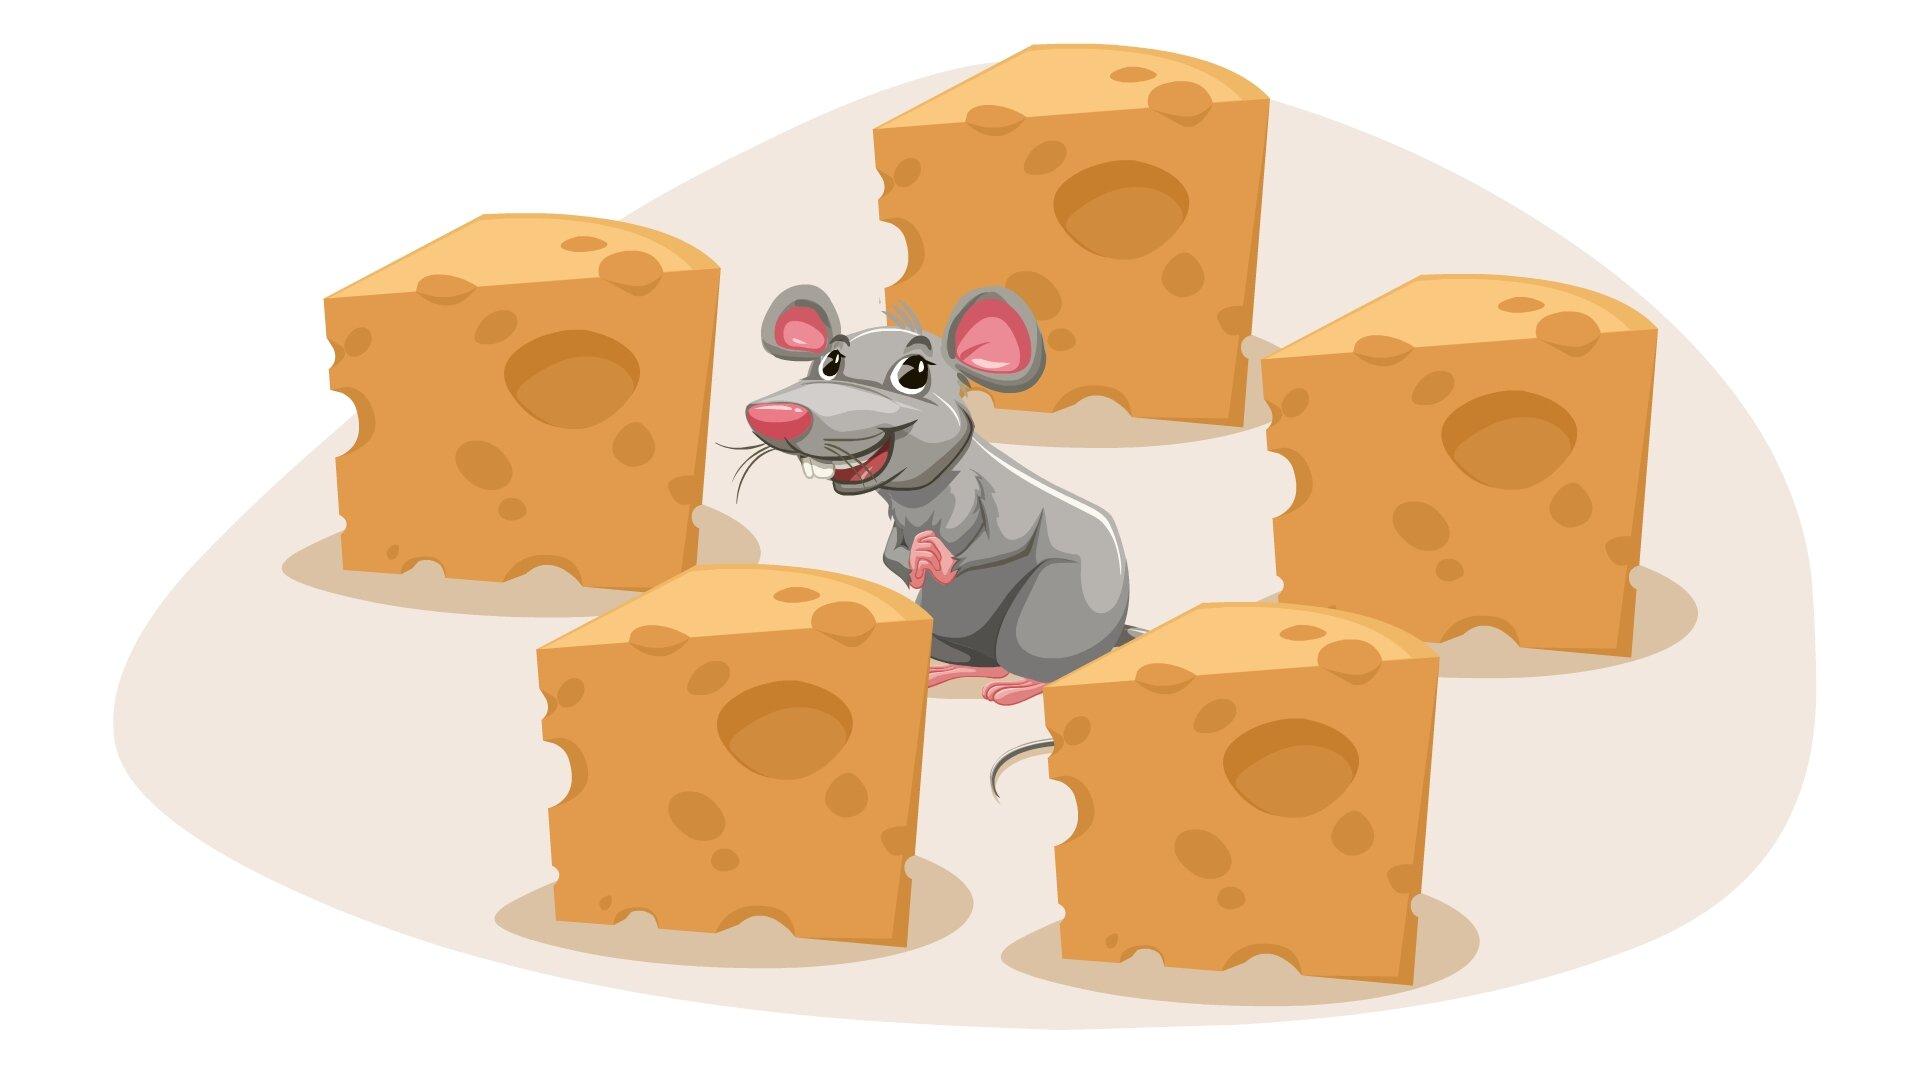 Ilustracja przedstawia mysz pomiędzy pięcioma kawałkami sera.